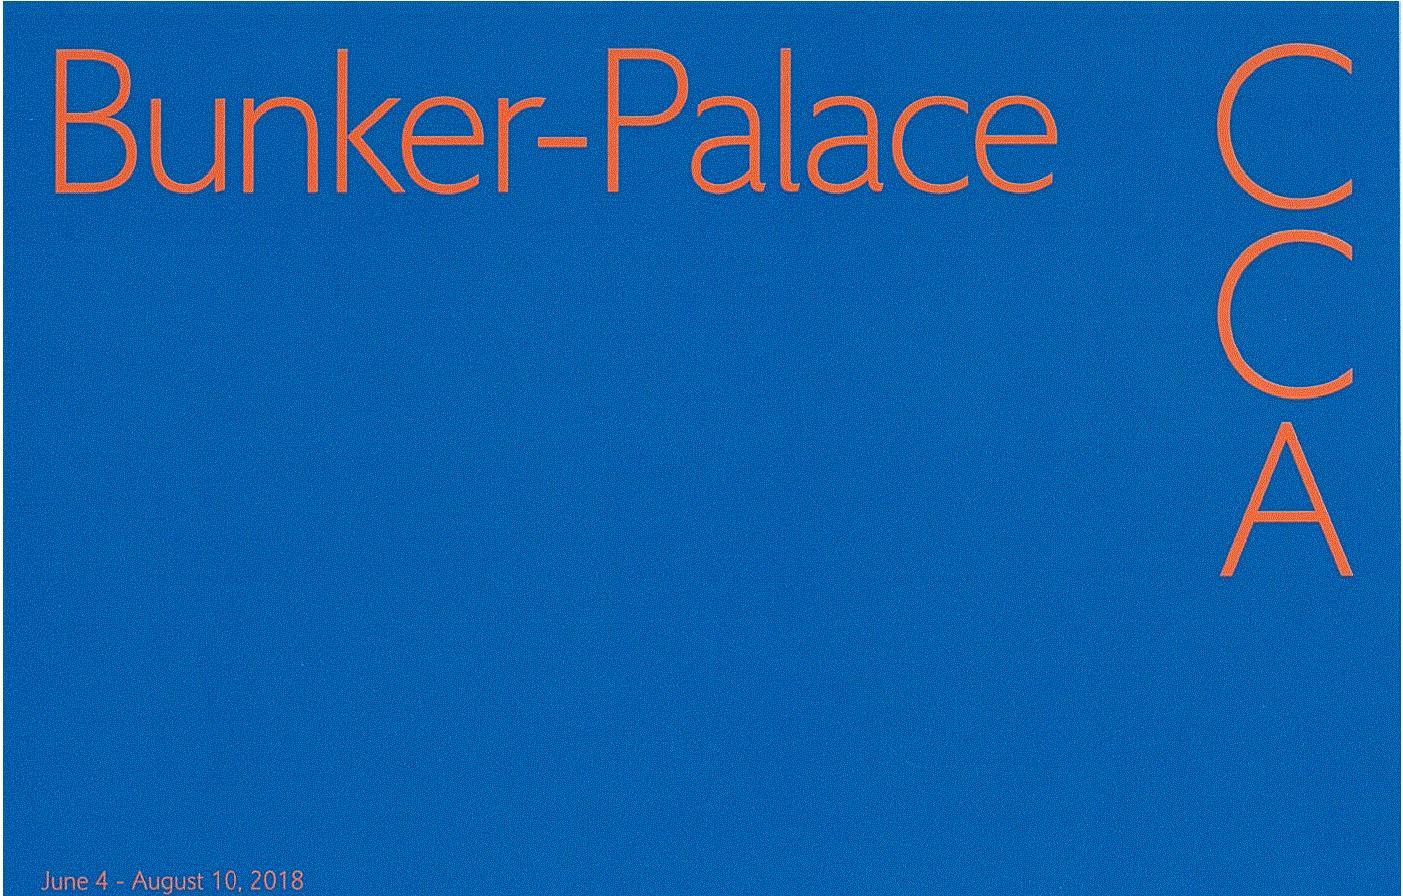 現代美術センターCCA北九州「バンカー・パレス展」